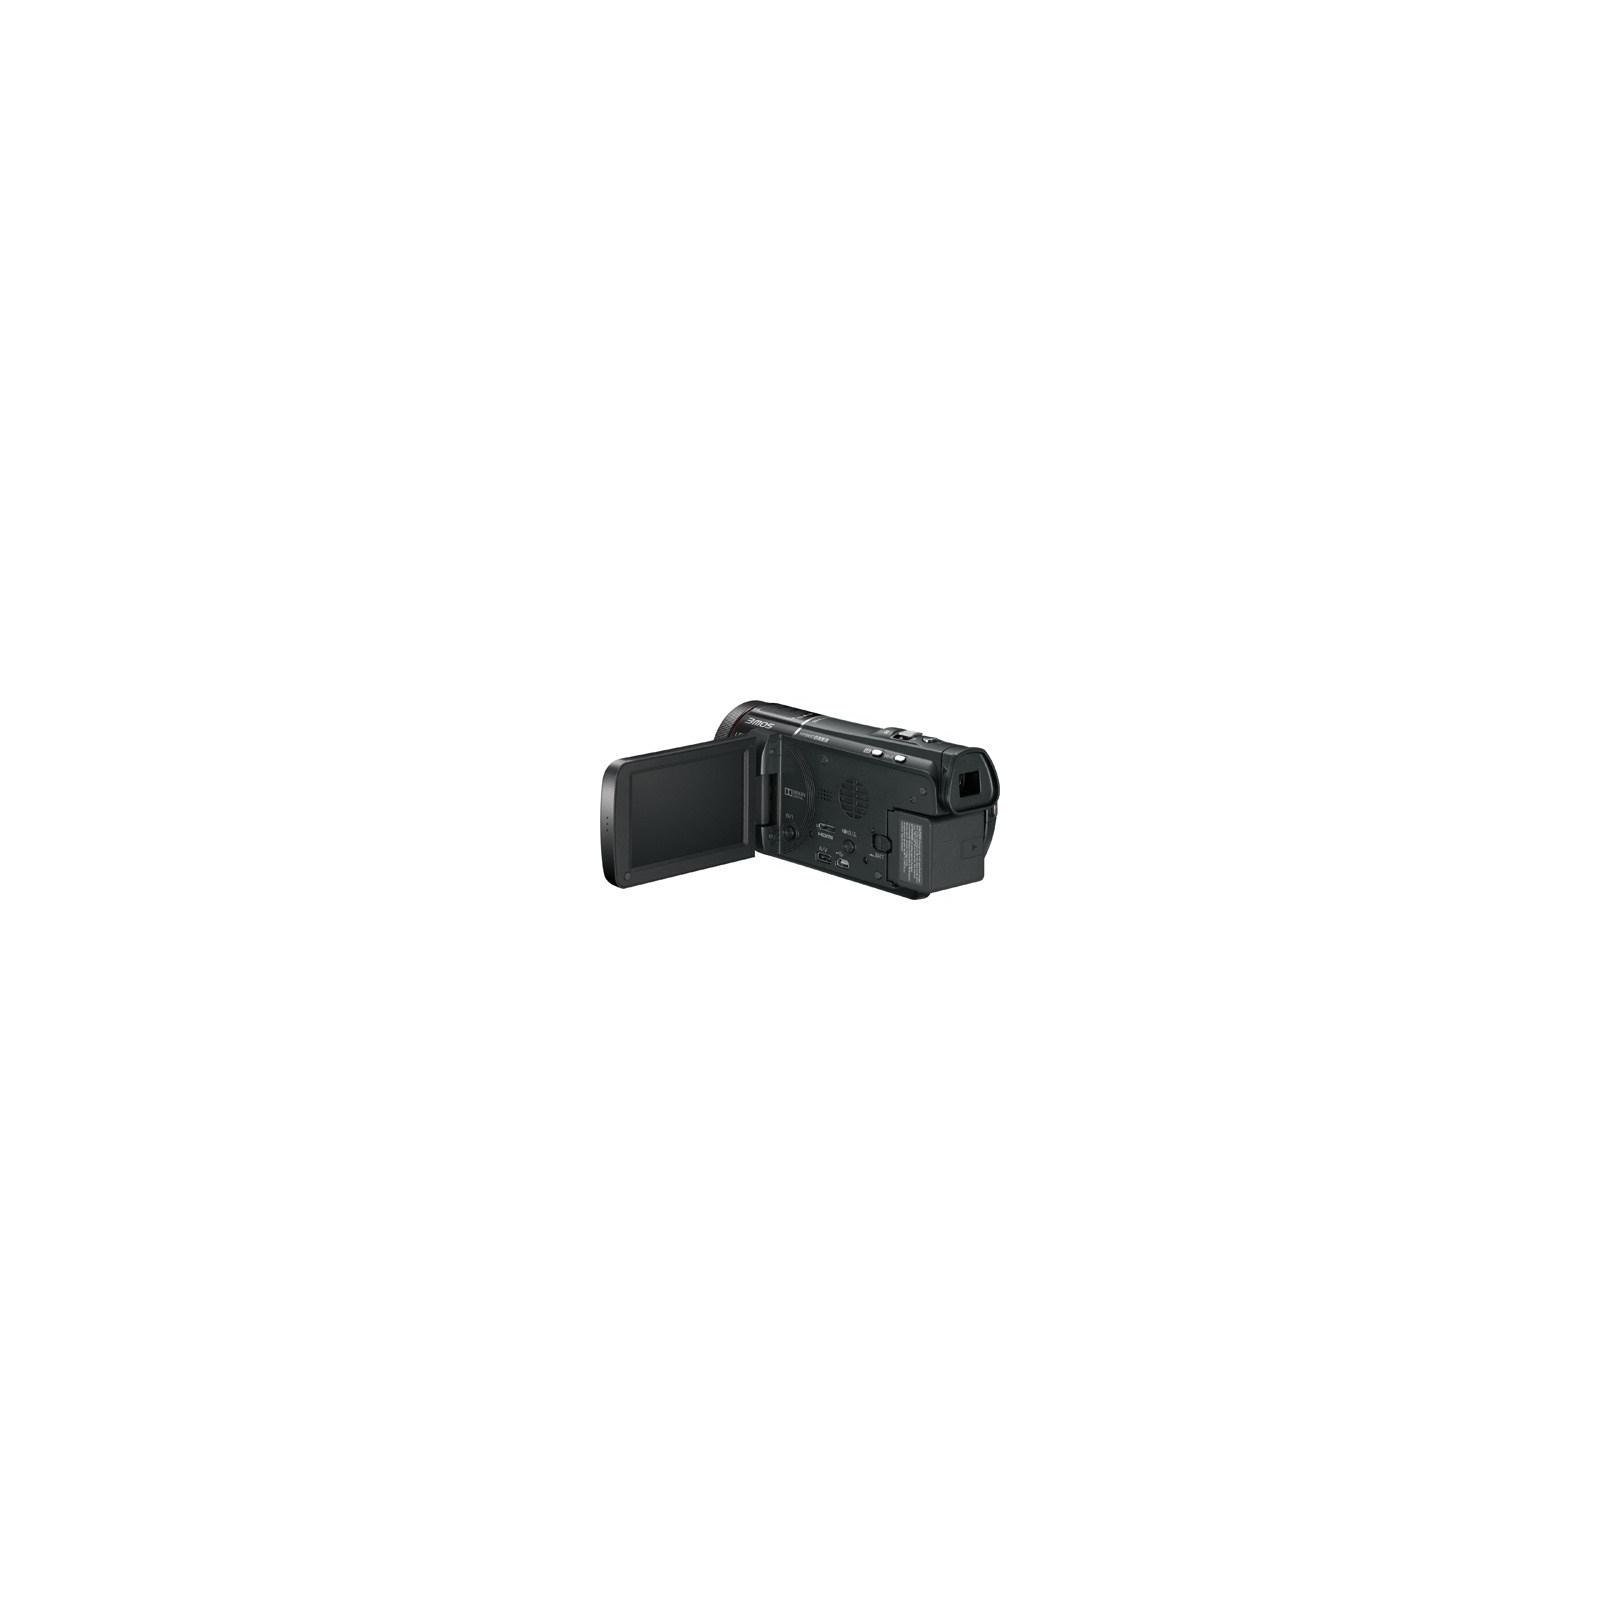 Цифровая видеокамера PANASONIC HC-X920 (HC-X920EE-K) изображение 2